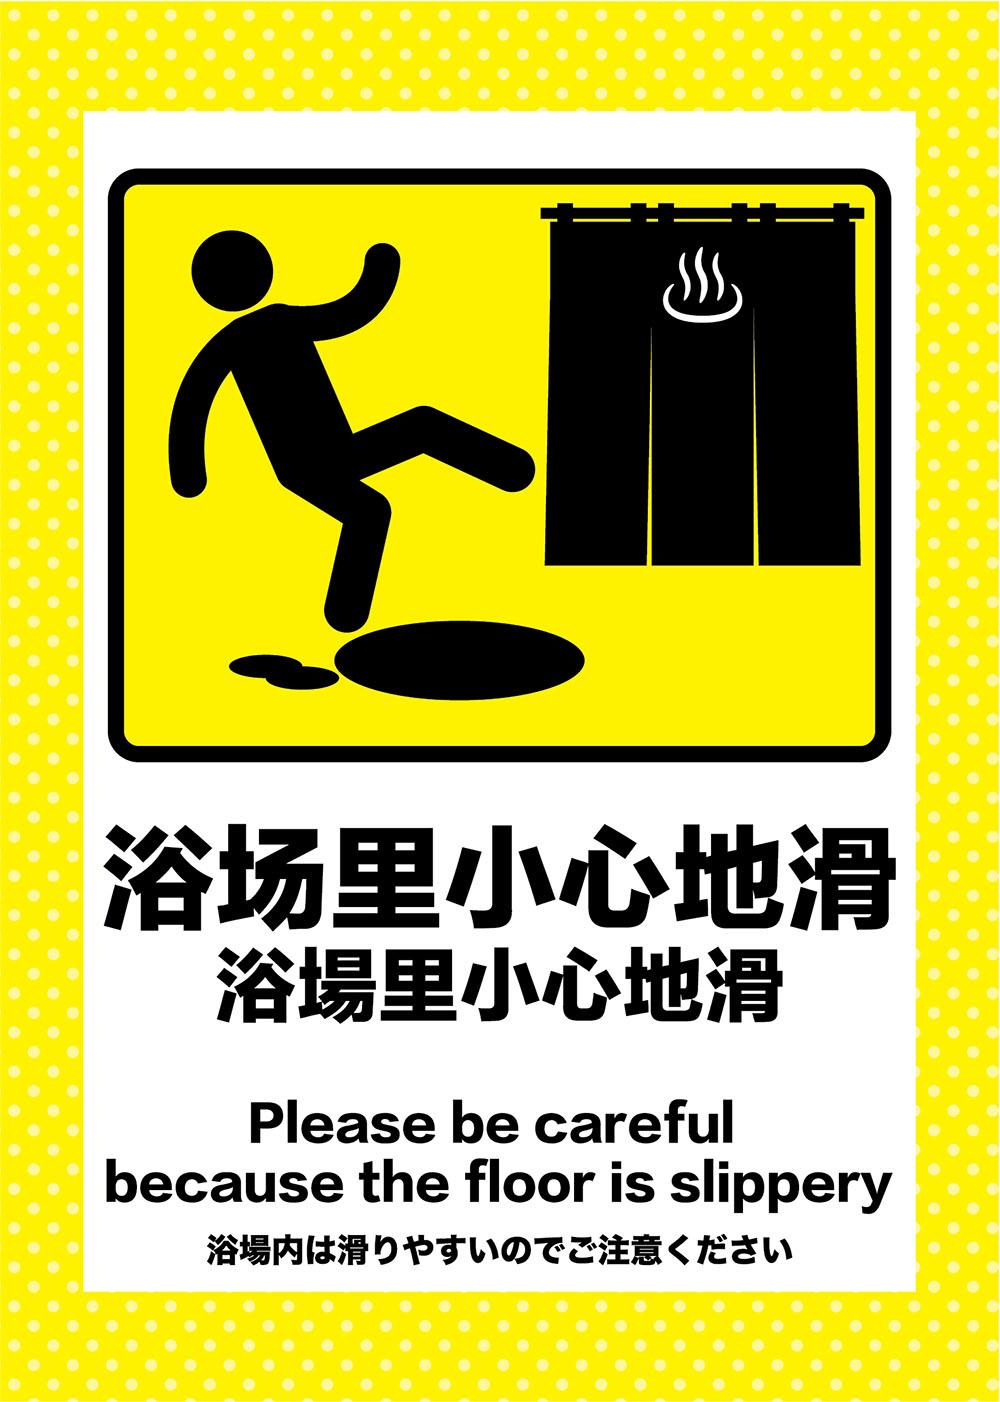 足元にご注意ください